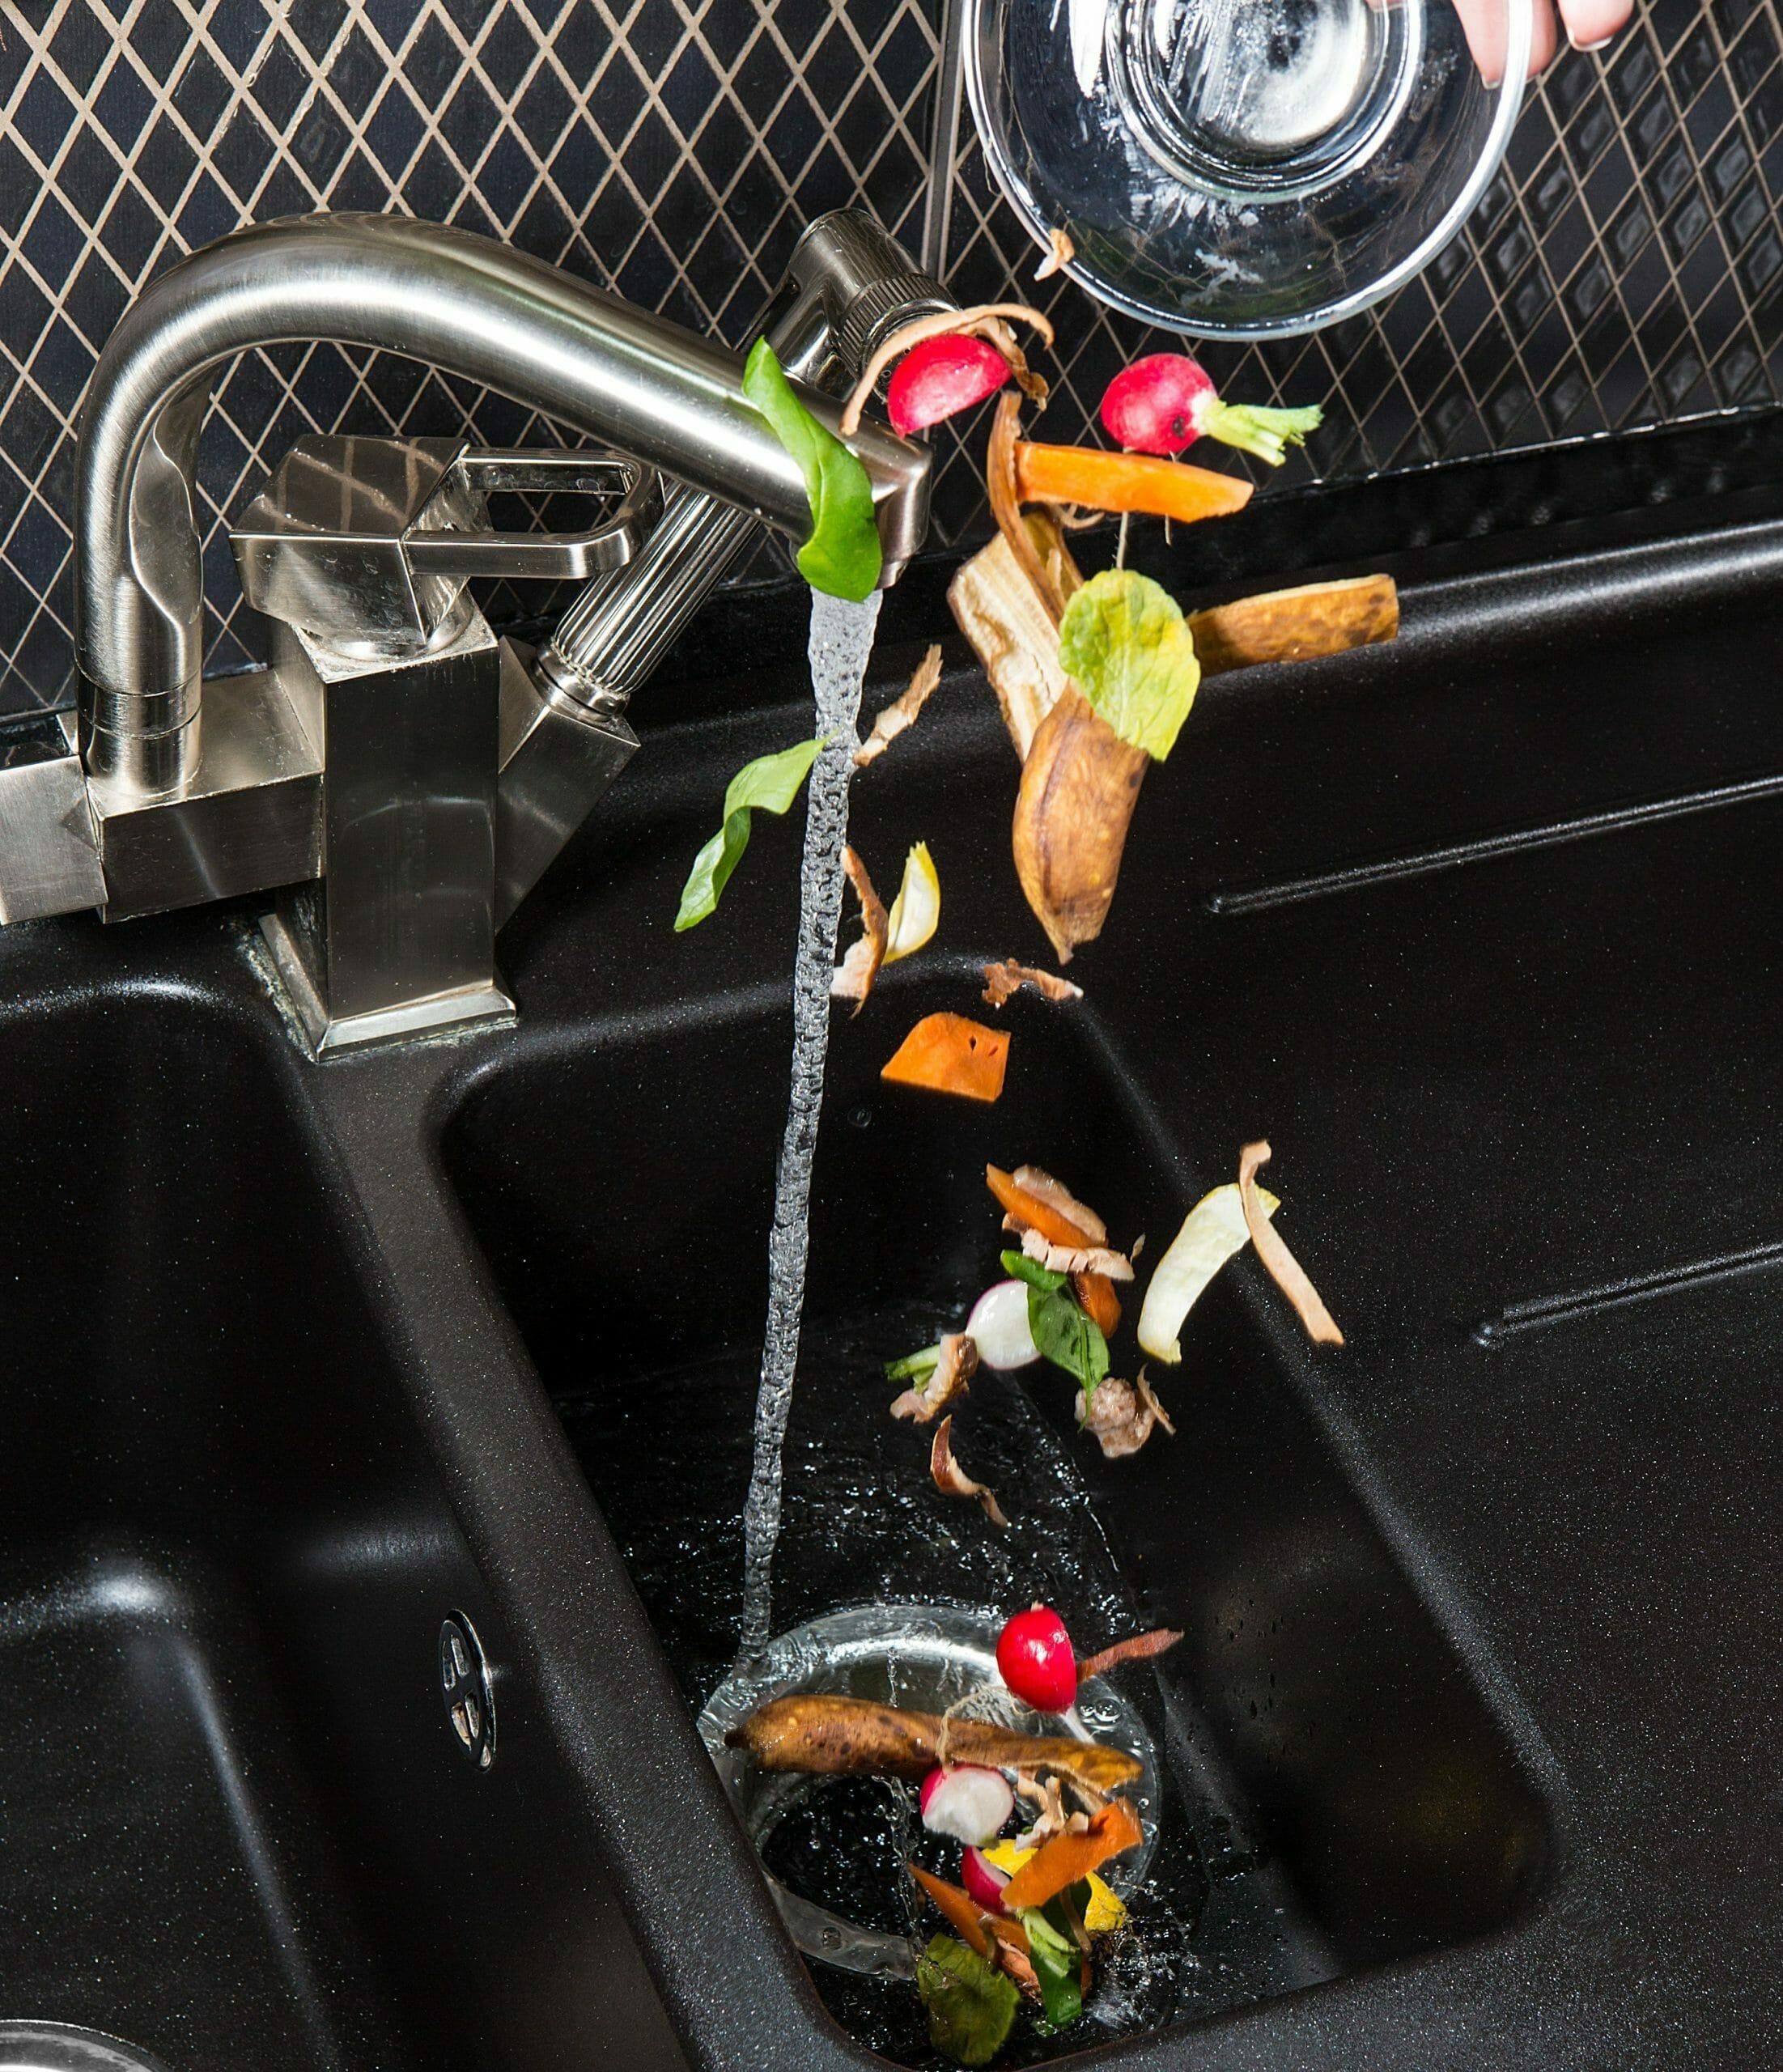 Garbage Disposal Repair and Garbage Disposal Installation